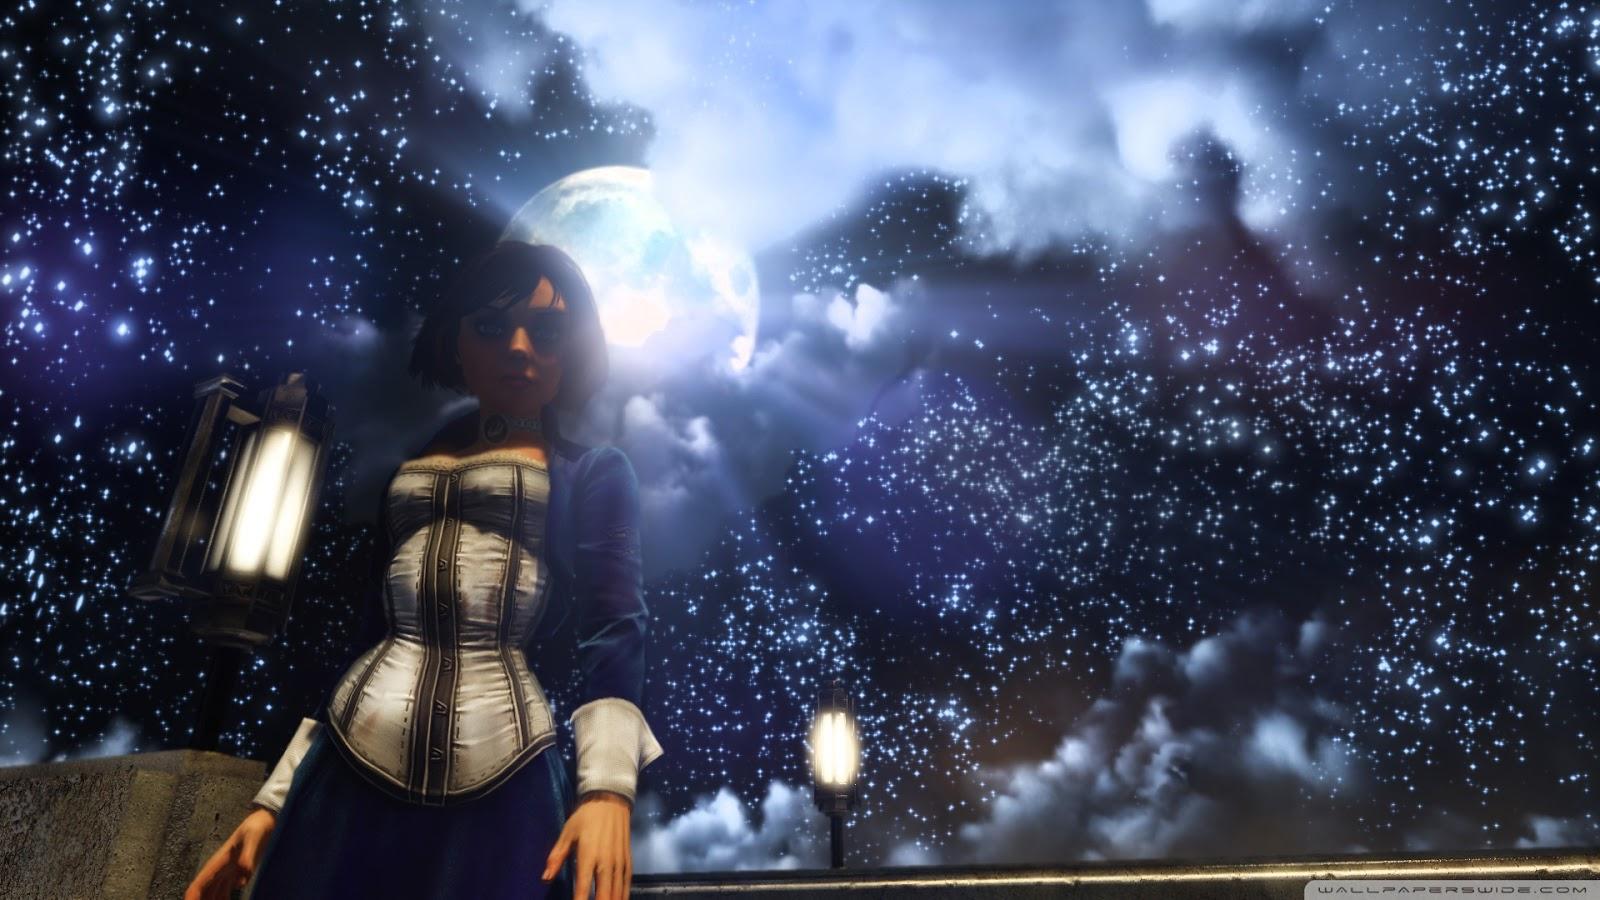 Wallpapers HD: BioShock Game Wallpapars HD - Fondos de pantalla de varias resoluciones (7)